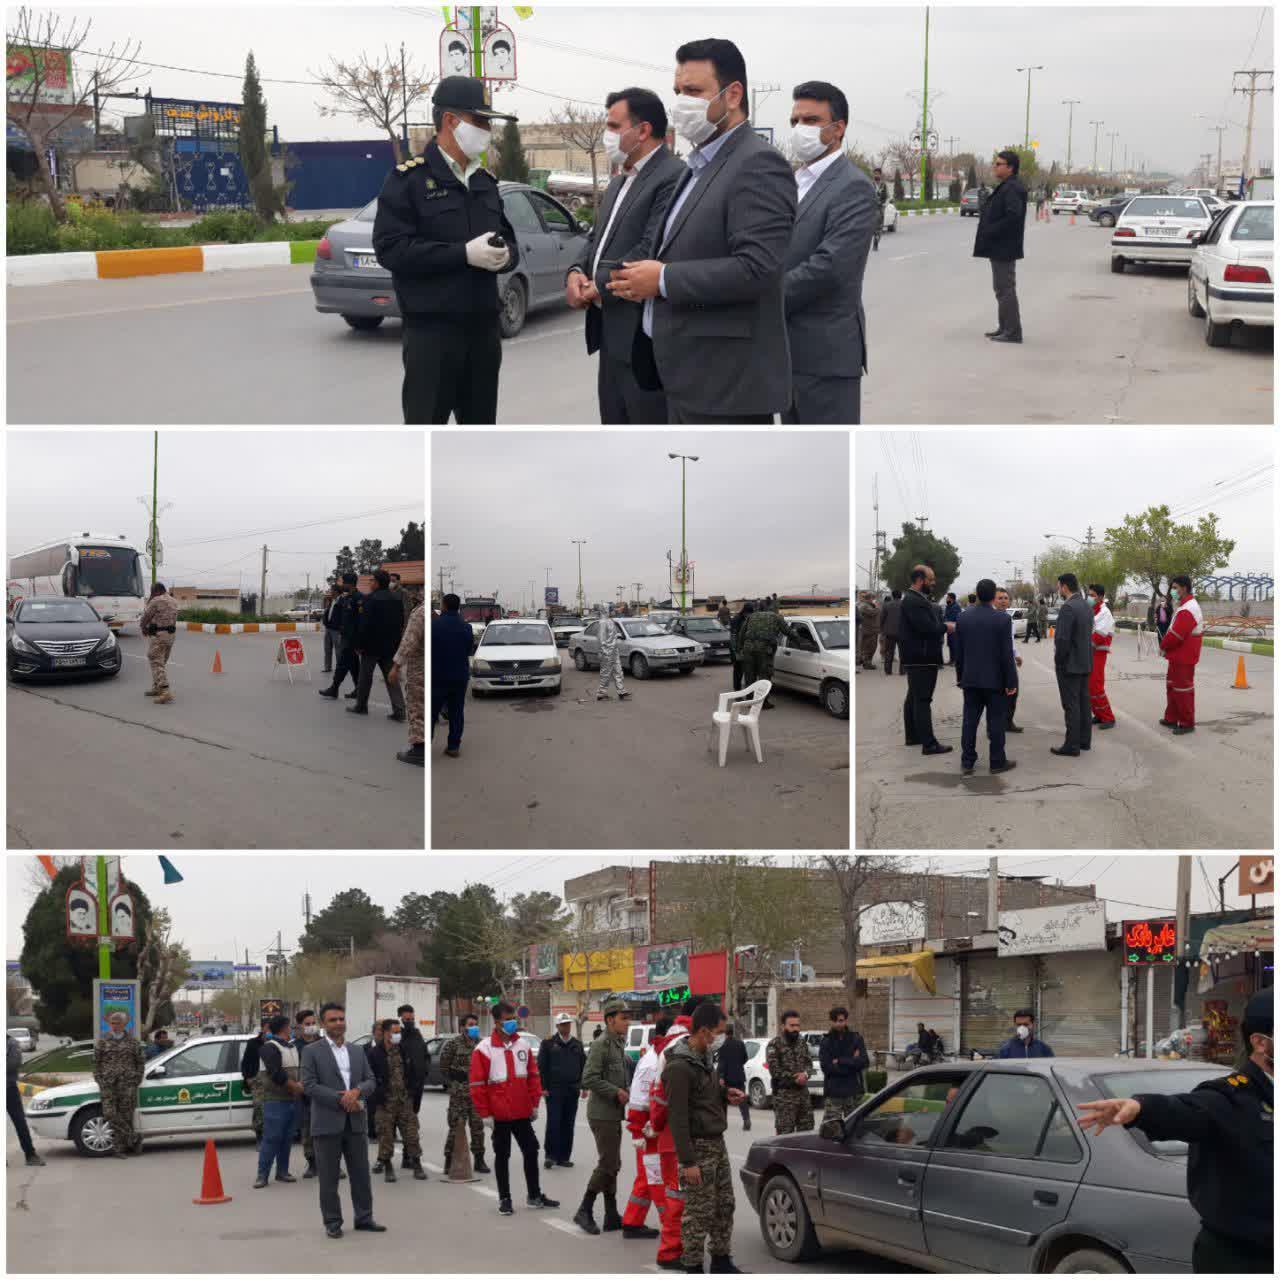 انسداد ورودی های نجف آباد+تصاویر انسداد ورودی های نجف آباد+تصاویر